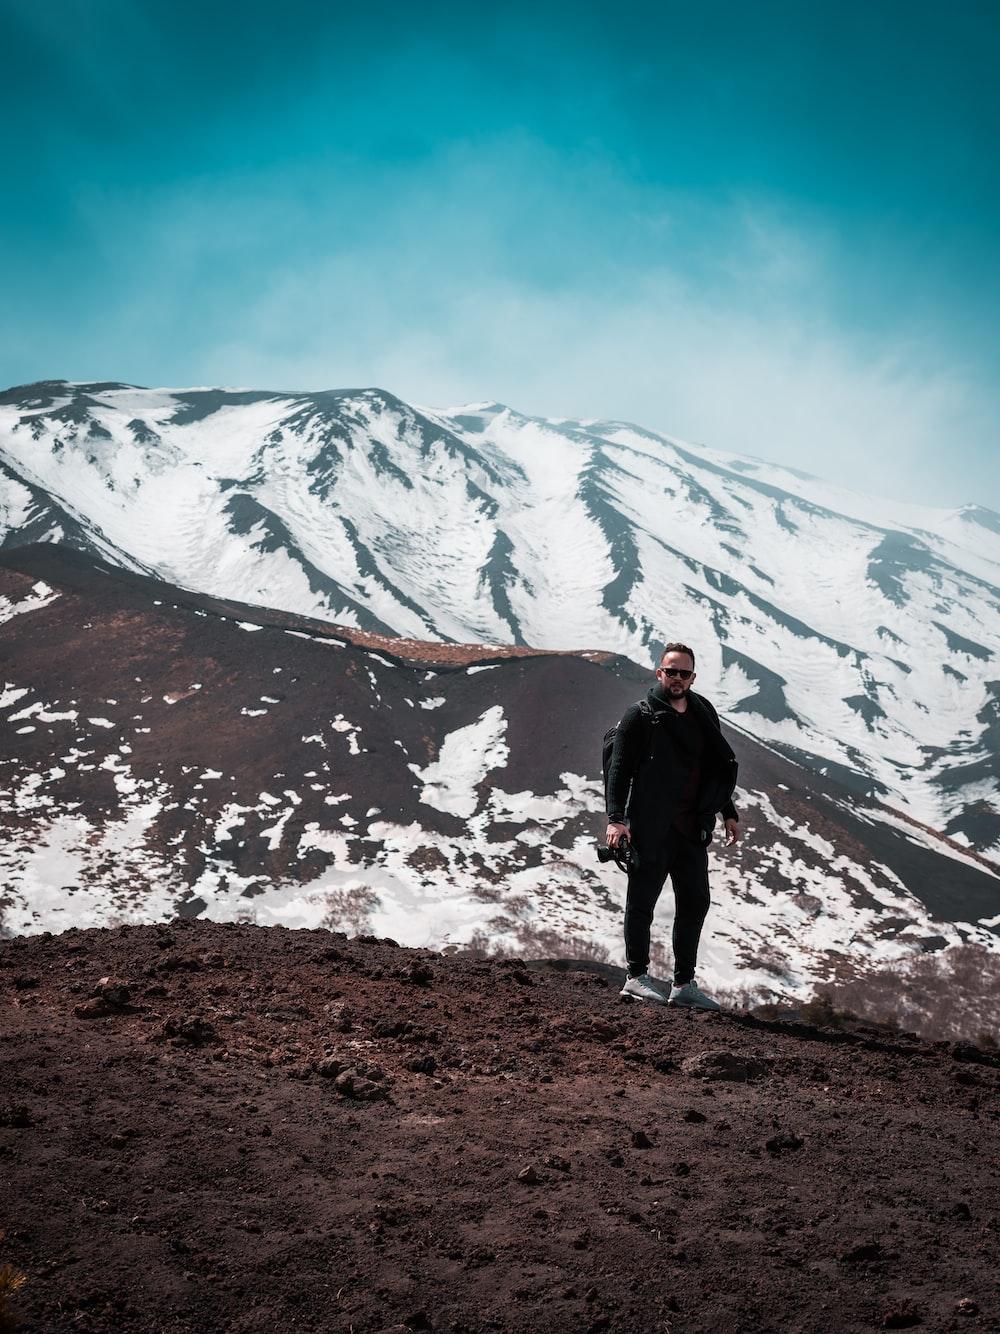 man standing near mountain during daytime